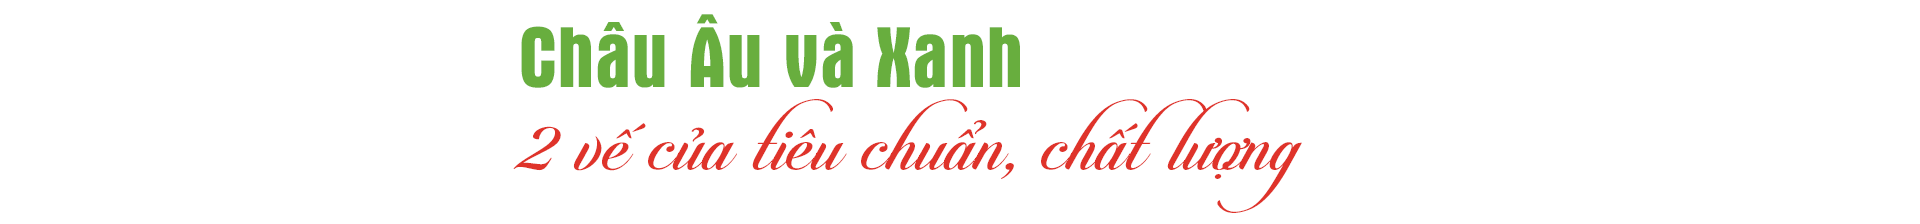 Tổng giám đốc doanh nghiệp ống nhựa hàng đầu Việt Nam: Chúng tôi là công ty duy nhất bảo hành sản phẩm 30 năm - 1